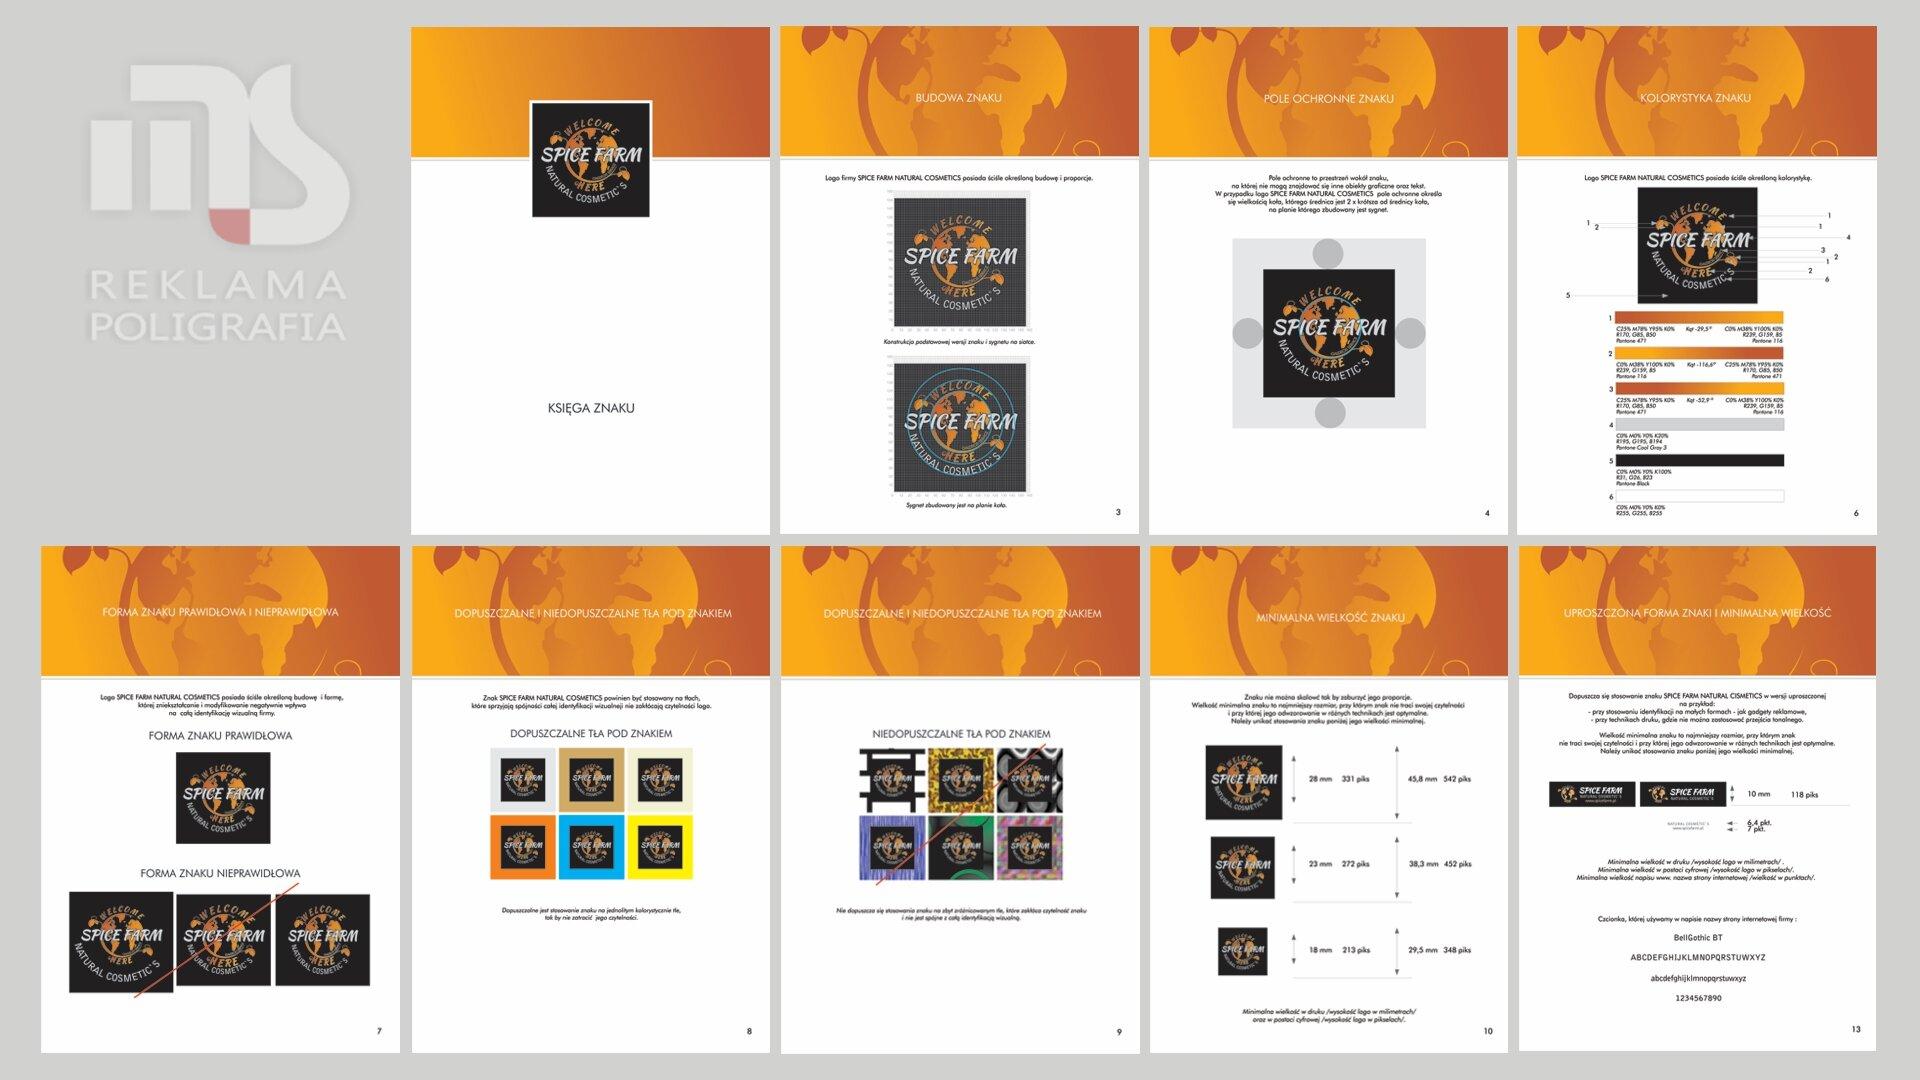 2021 7 projekty -1920x1080 px-Księga Znaku 2